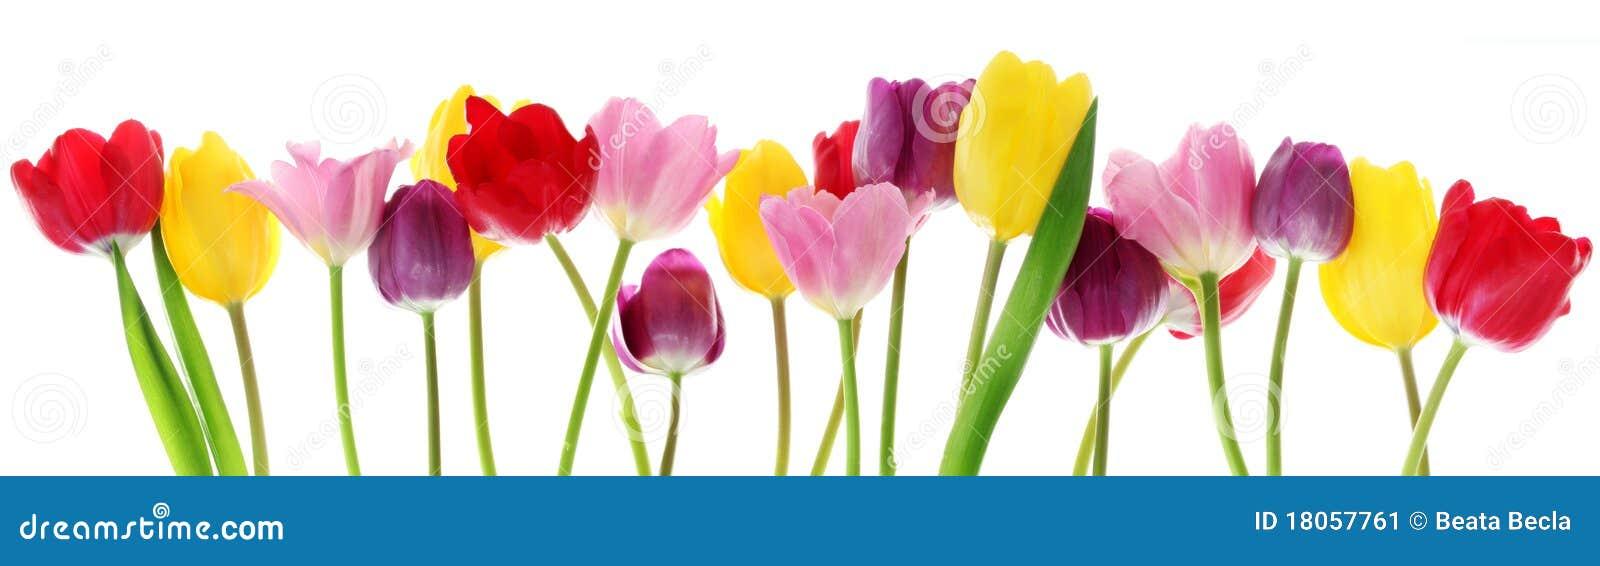 Fiori del tulipano della sorgente in una riga